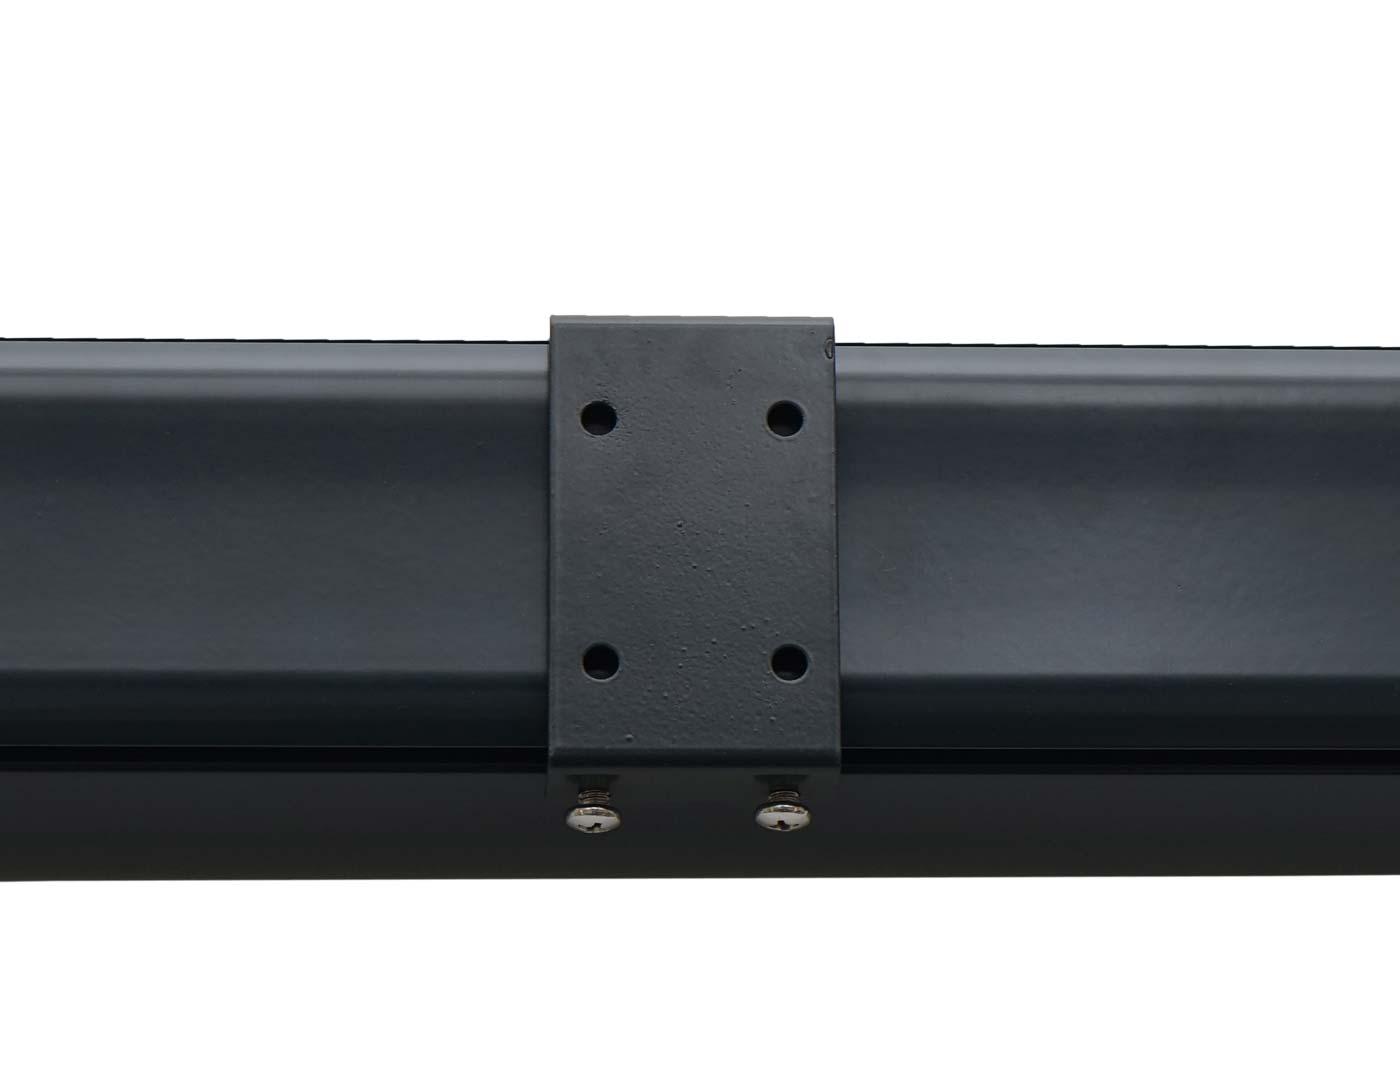 Vertikalmarkise HWC-F42 Detail verschiebbare Wandhalterung 2x vorhanden